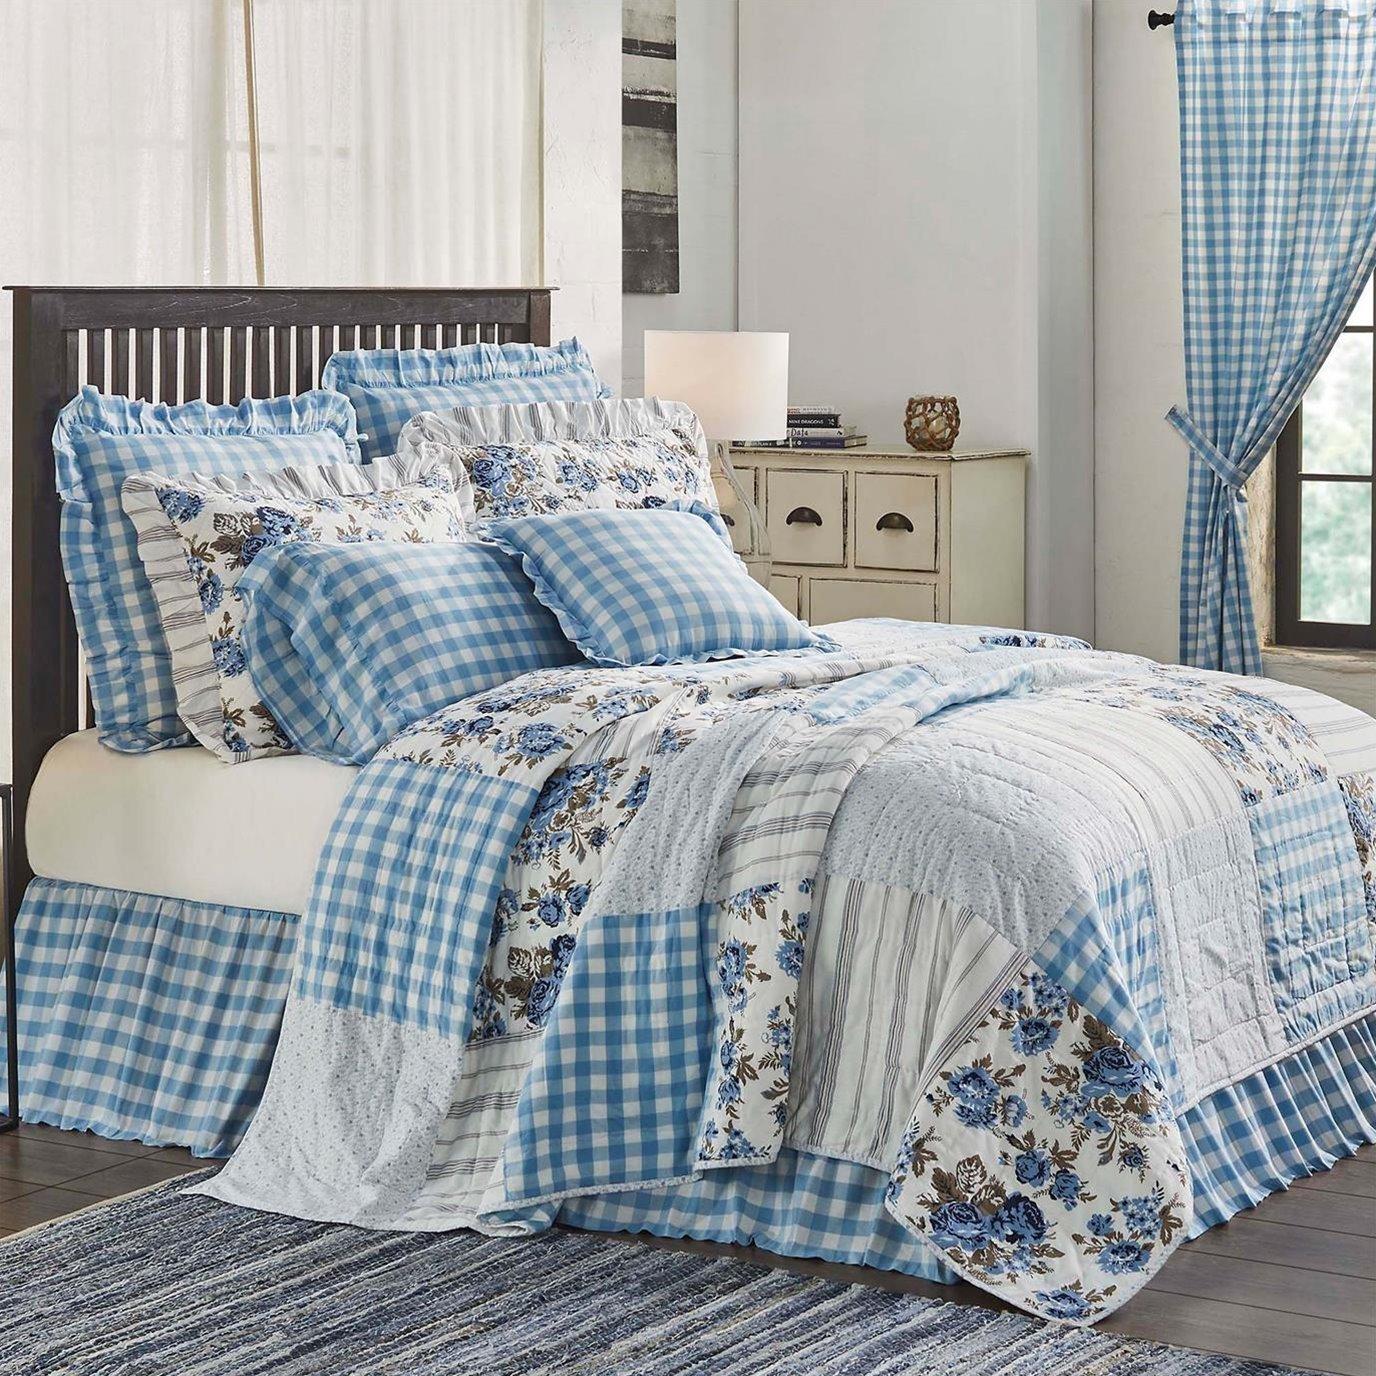 Annie Blue Floral Patch Luxury King Quilt 120Wx105L